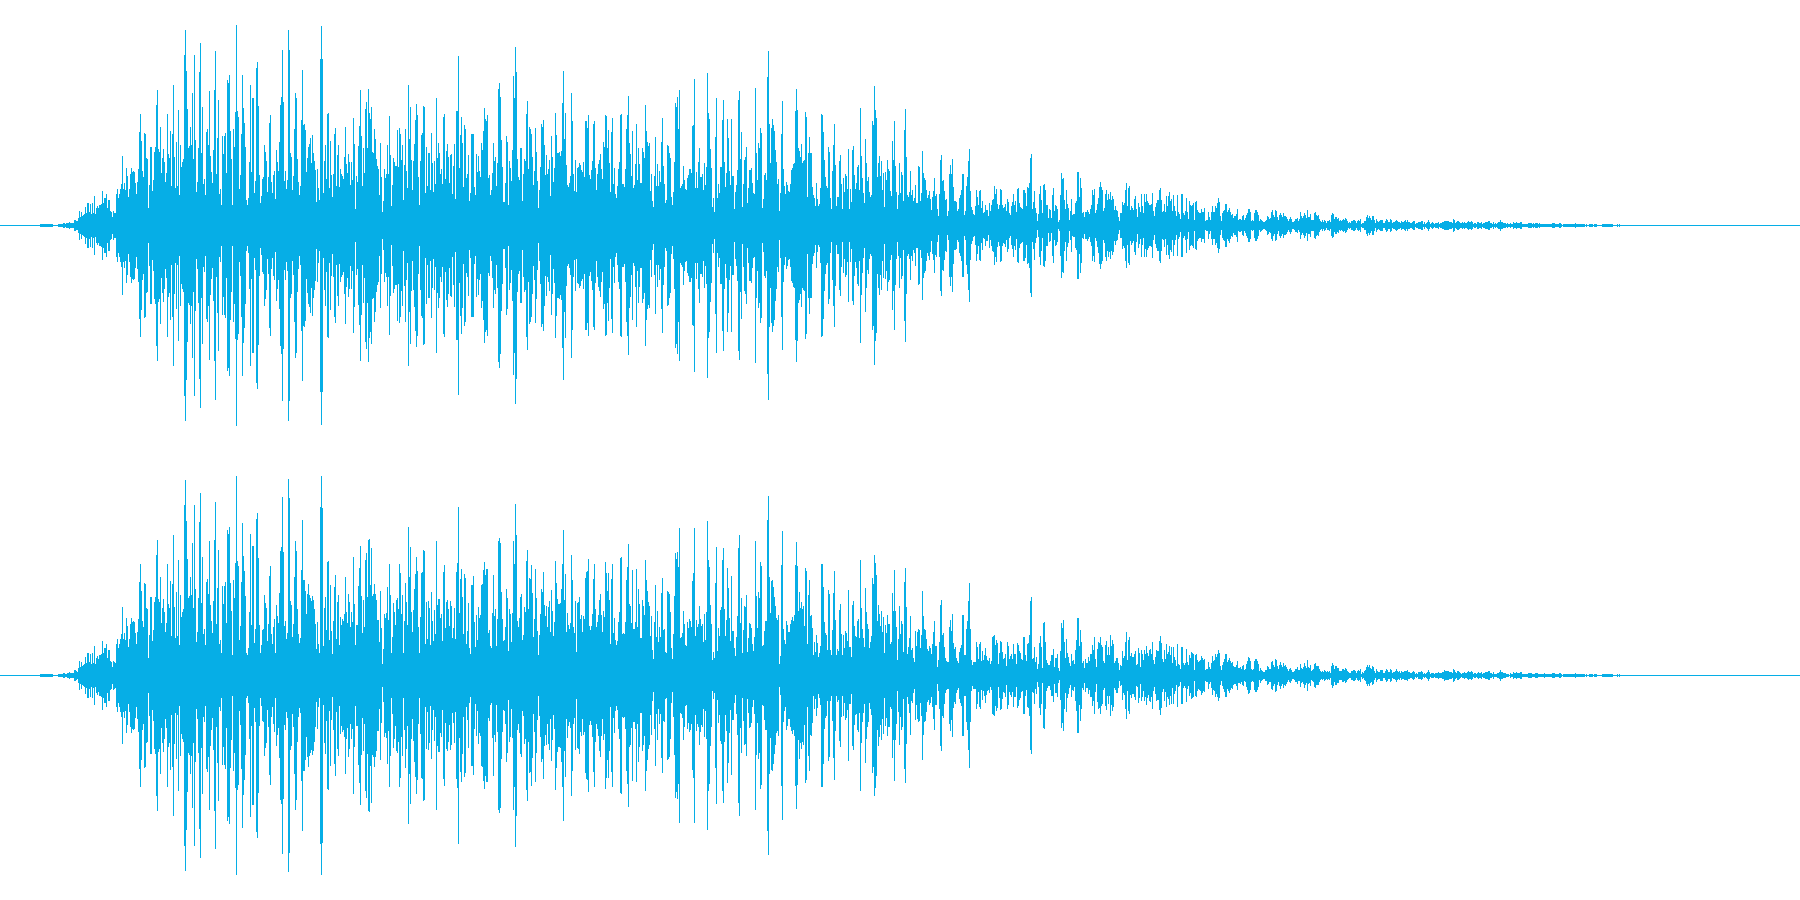 ドラゴン モンスター ゲーム 驚きの再生済みの波形